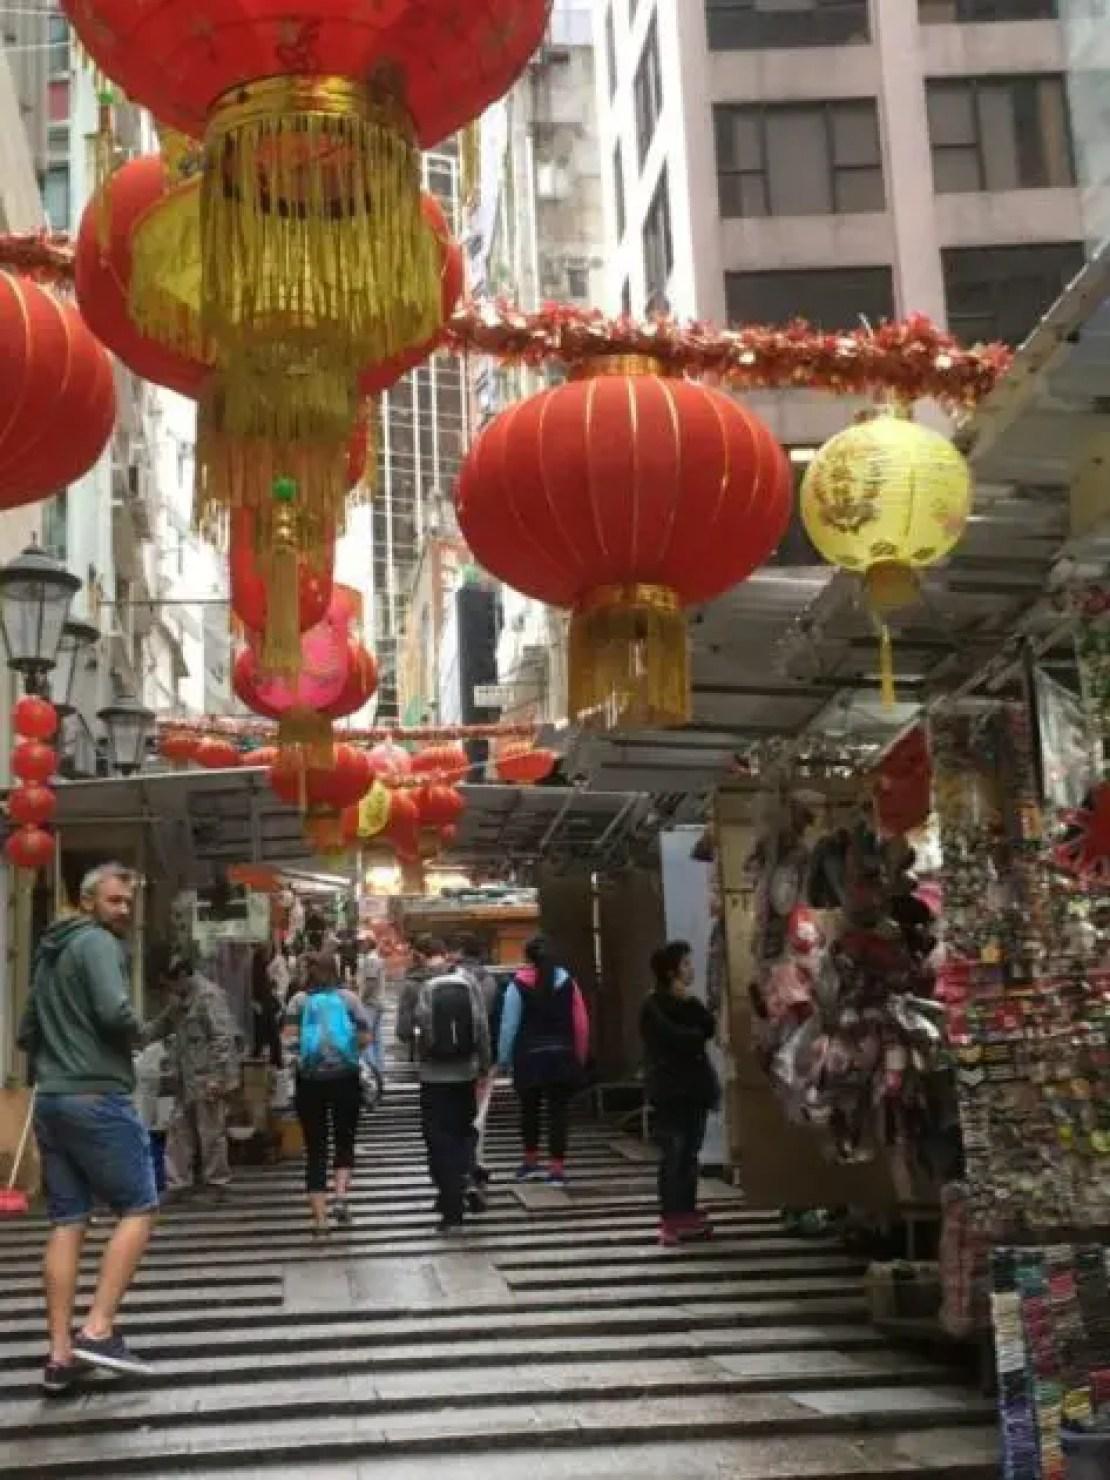 streets in hong kong